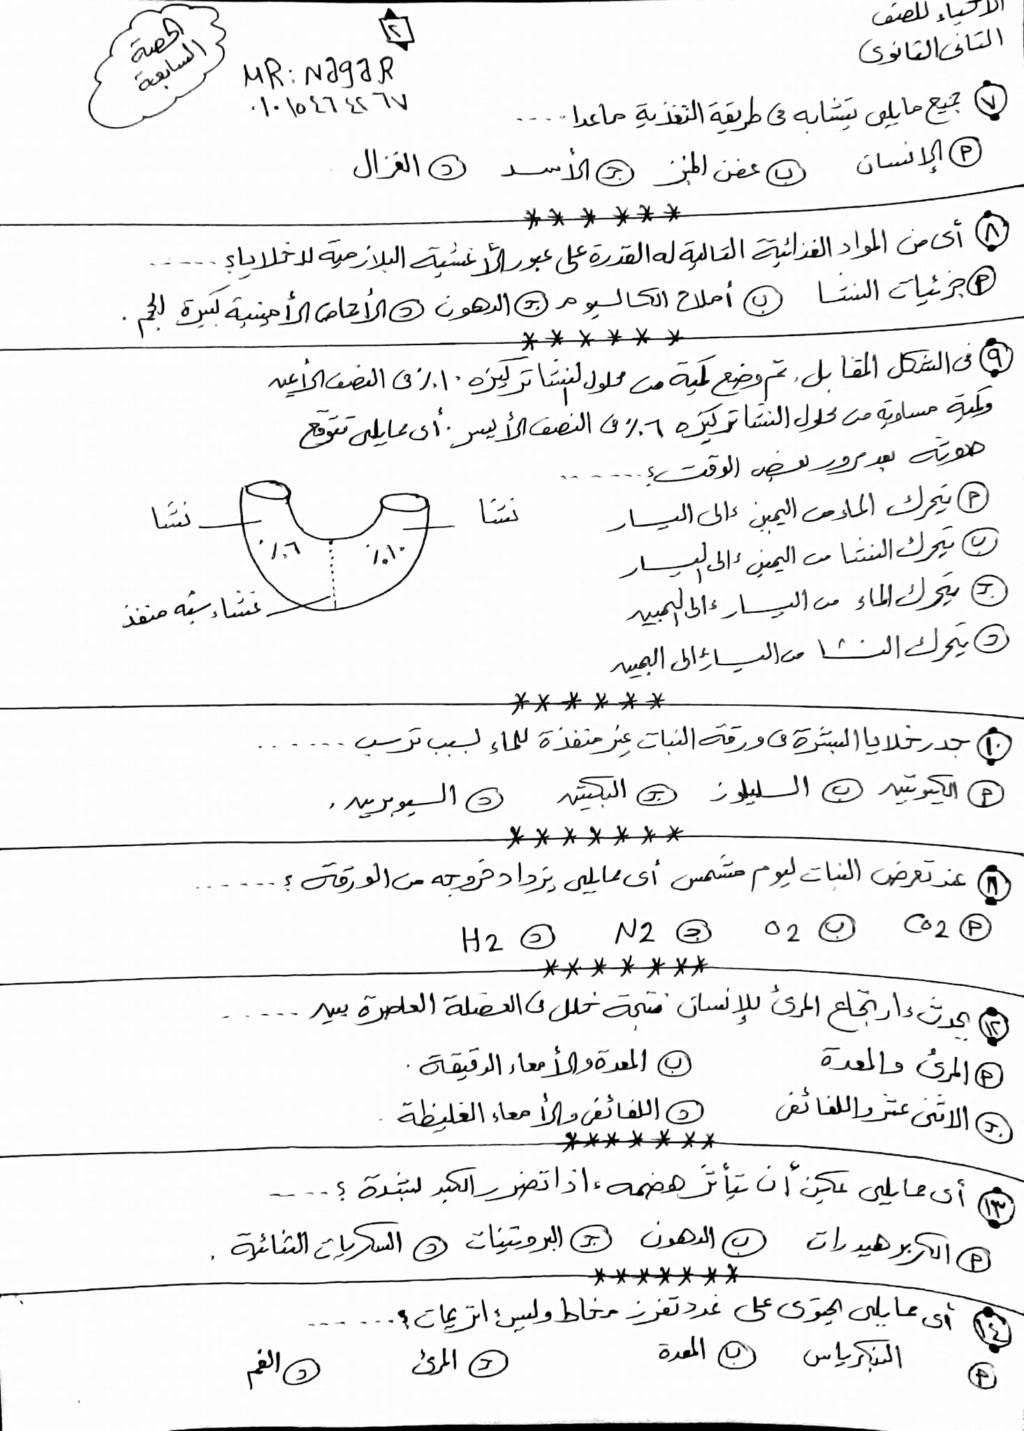 إمتحان شامل على الفصل الأول - احياء 2 ثانوي نظام جديد بالحل 21754